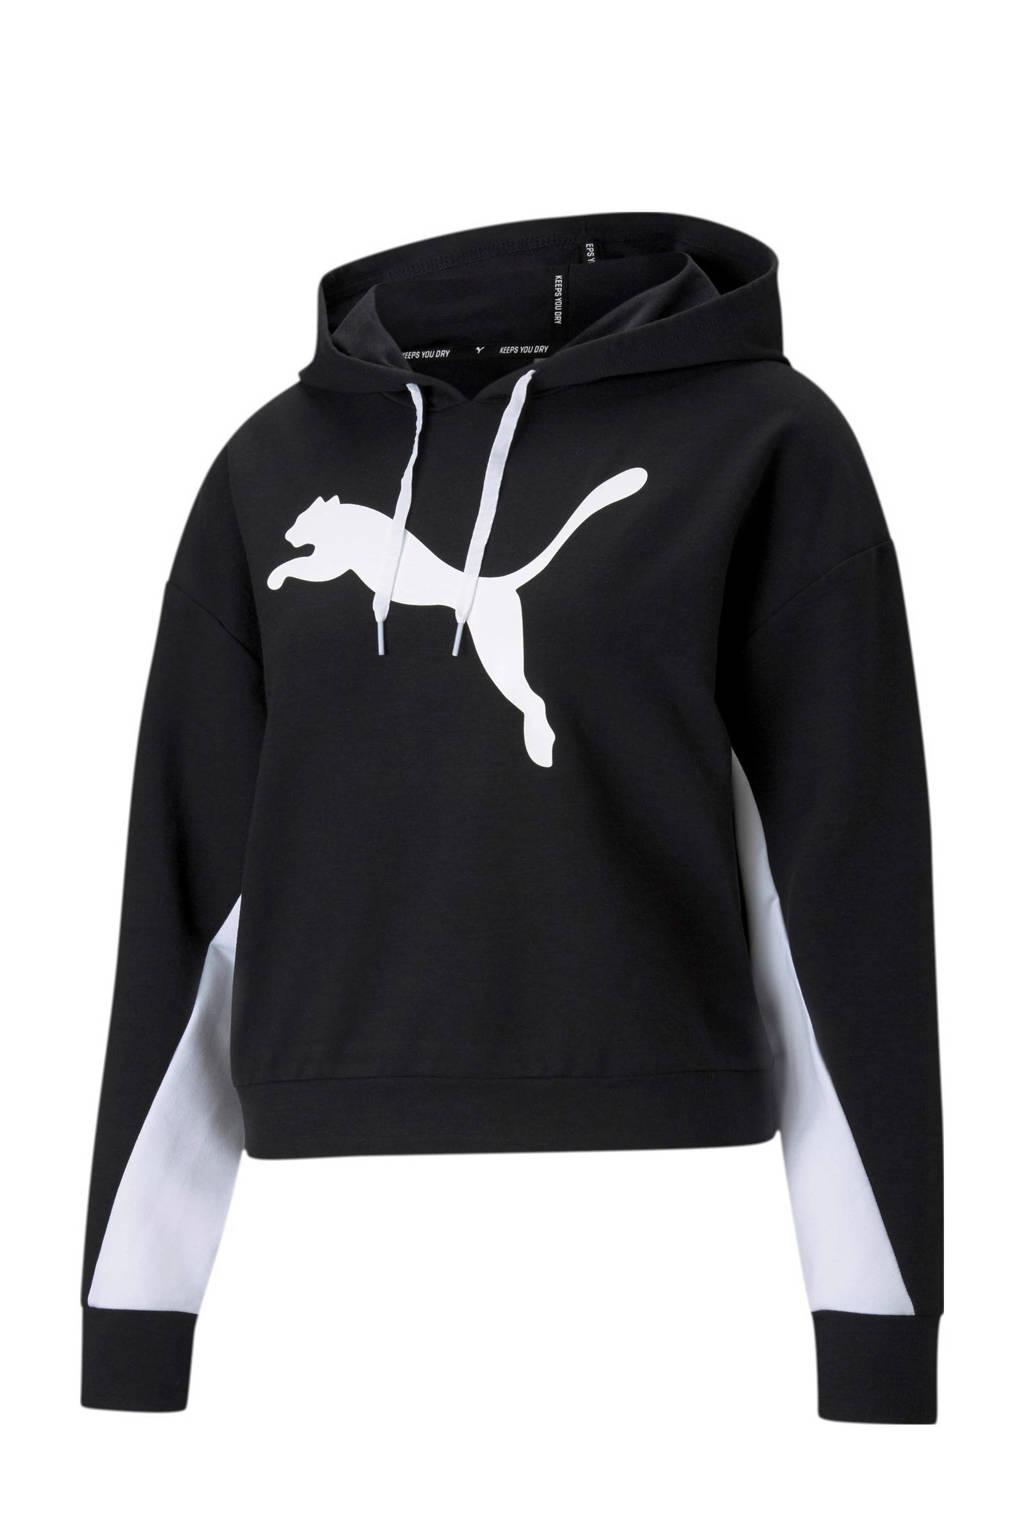 Puma hoodie zwart/wit, Zwart/wit